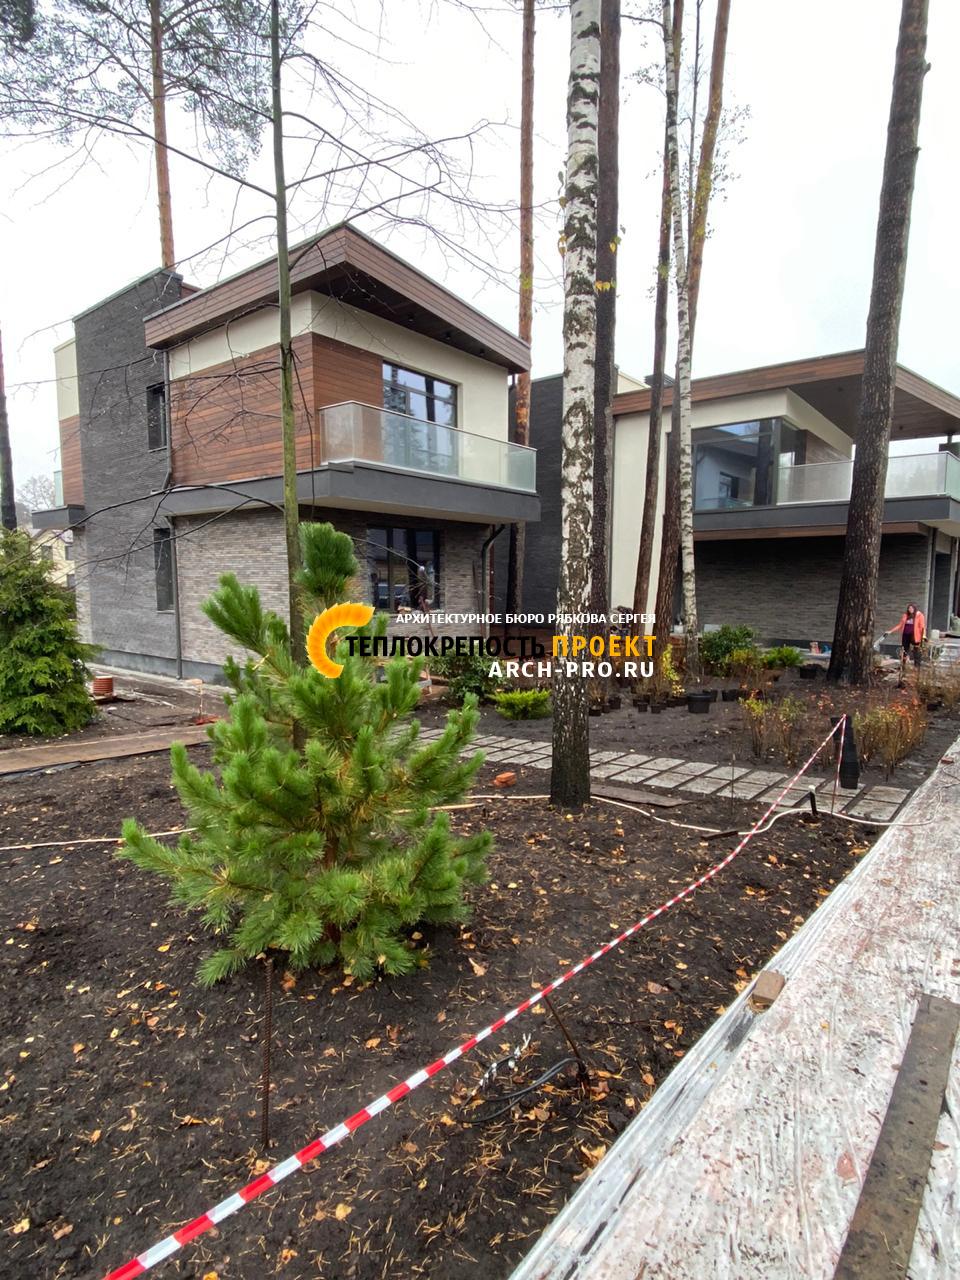 Сохранены практически все деревья вокруг дома